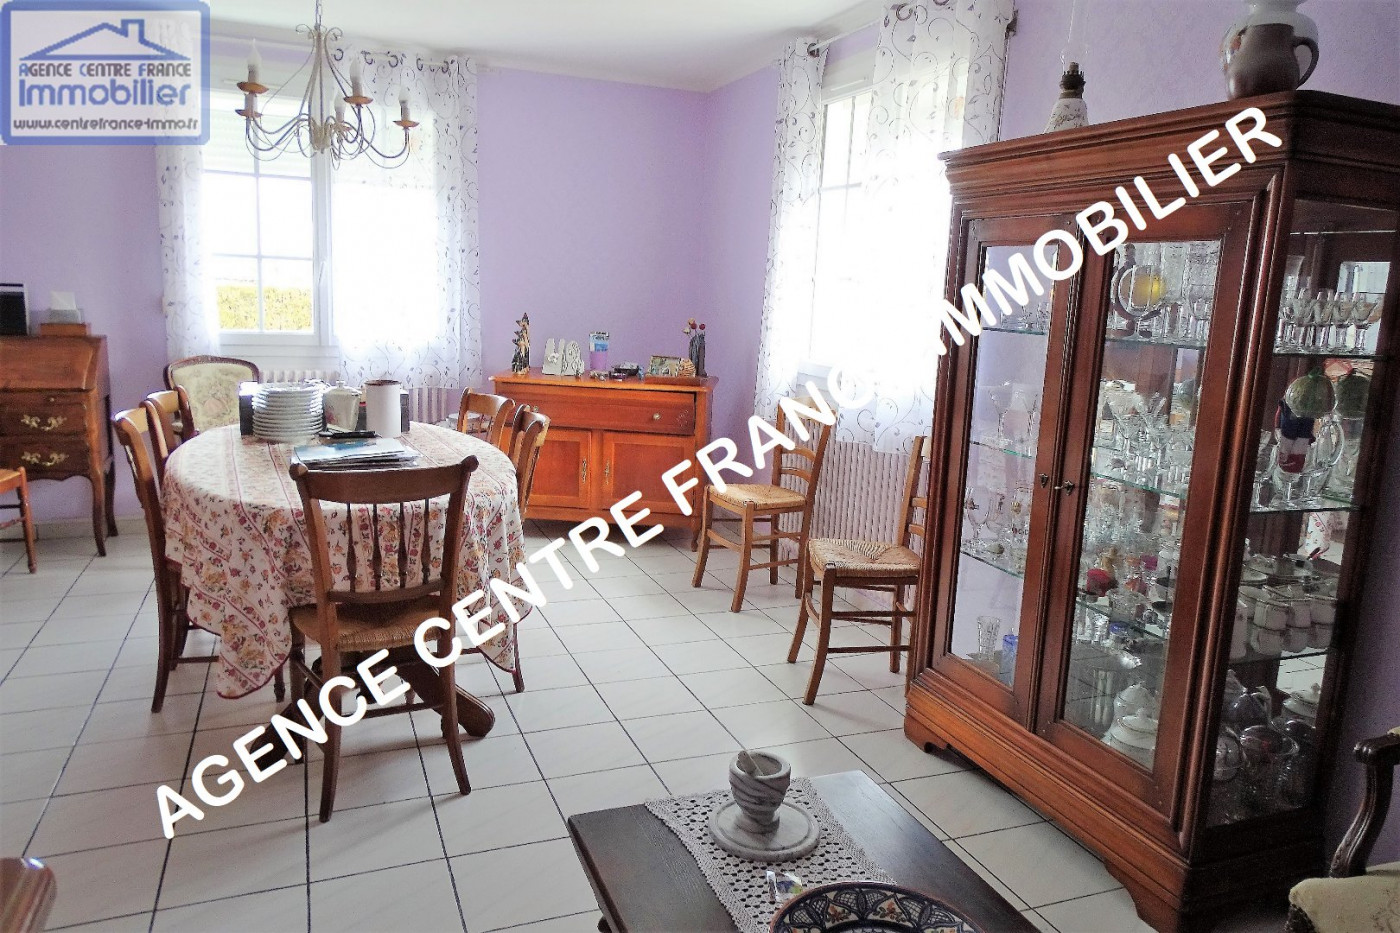 A vendre La Chapelle Saint Ursin 030011120 Agence centre france immobilier